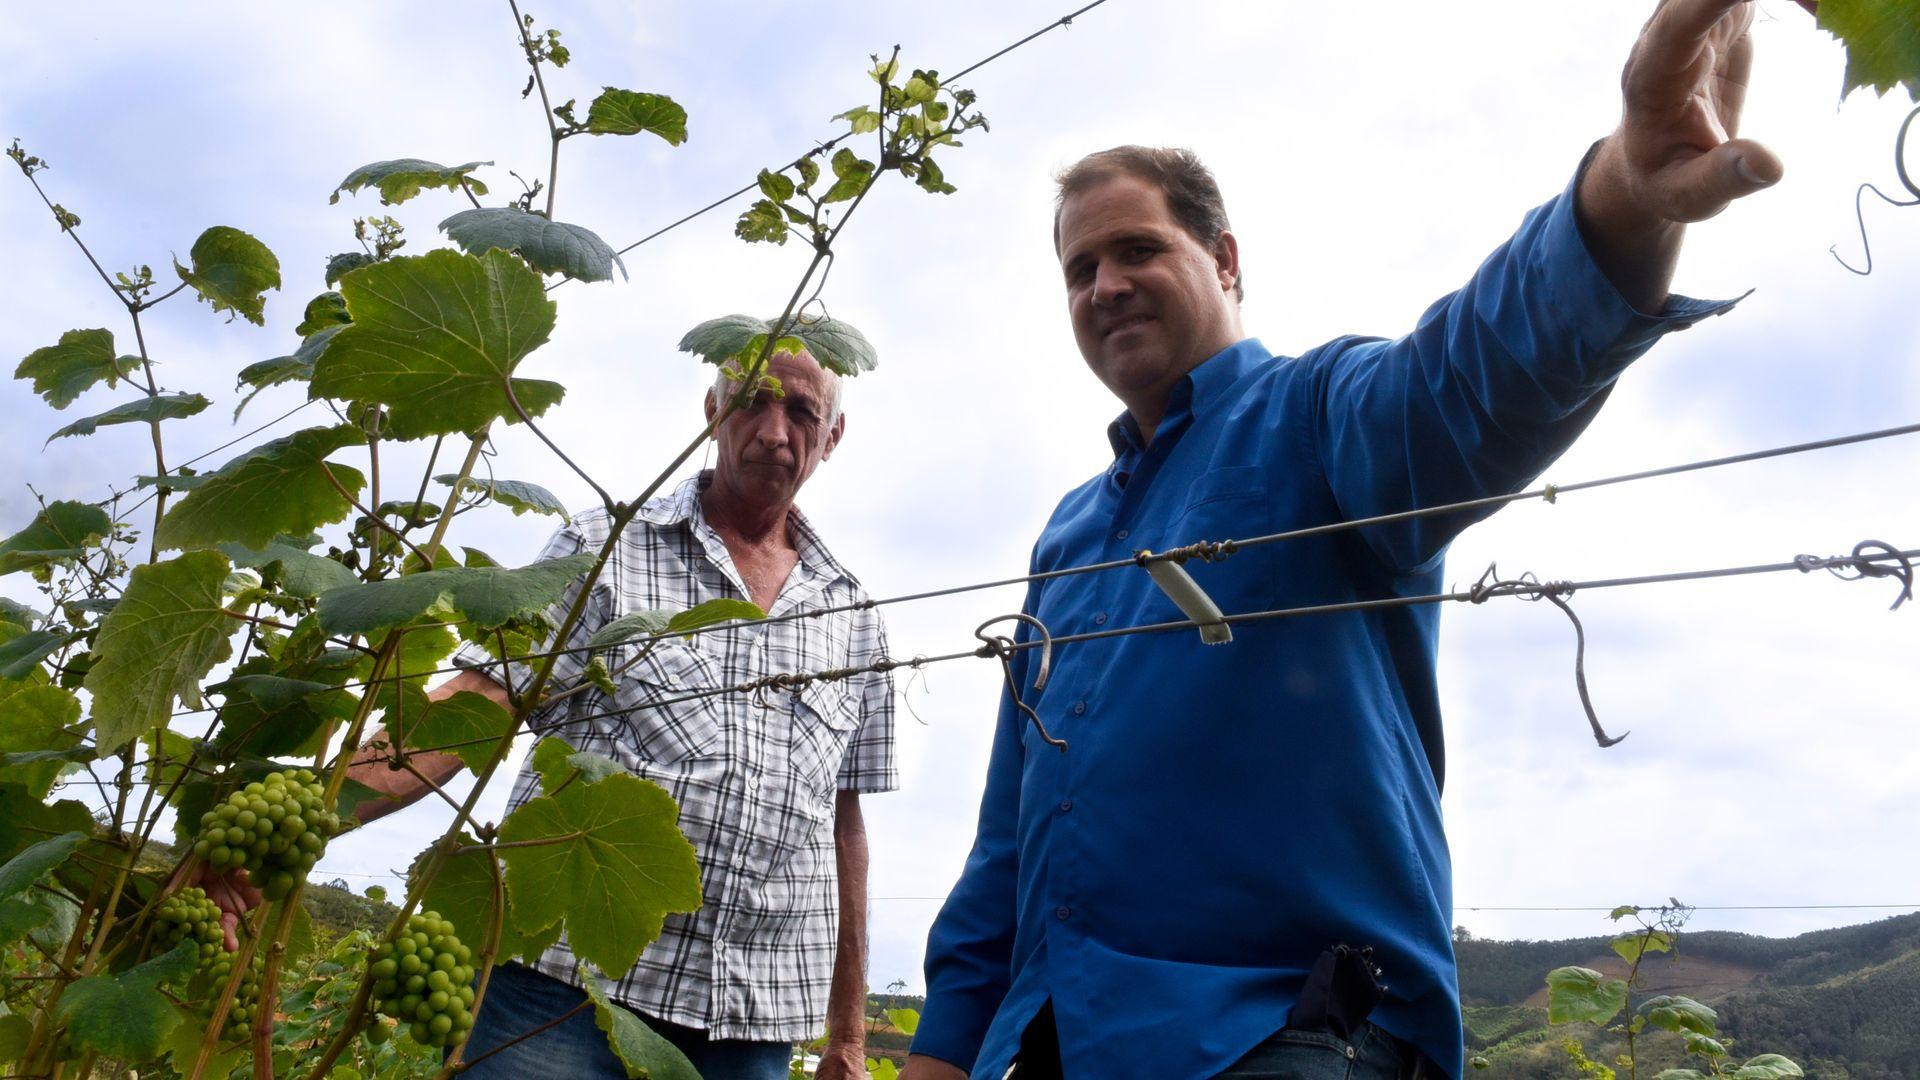 Vinícola Taboca. Produção de vinho em Santa Teresa. Primeira vinícola a elaborar vinho fino, o Tabocas (essa foto foi tratada)